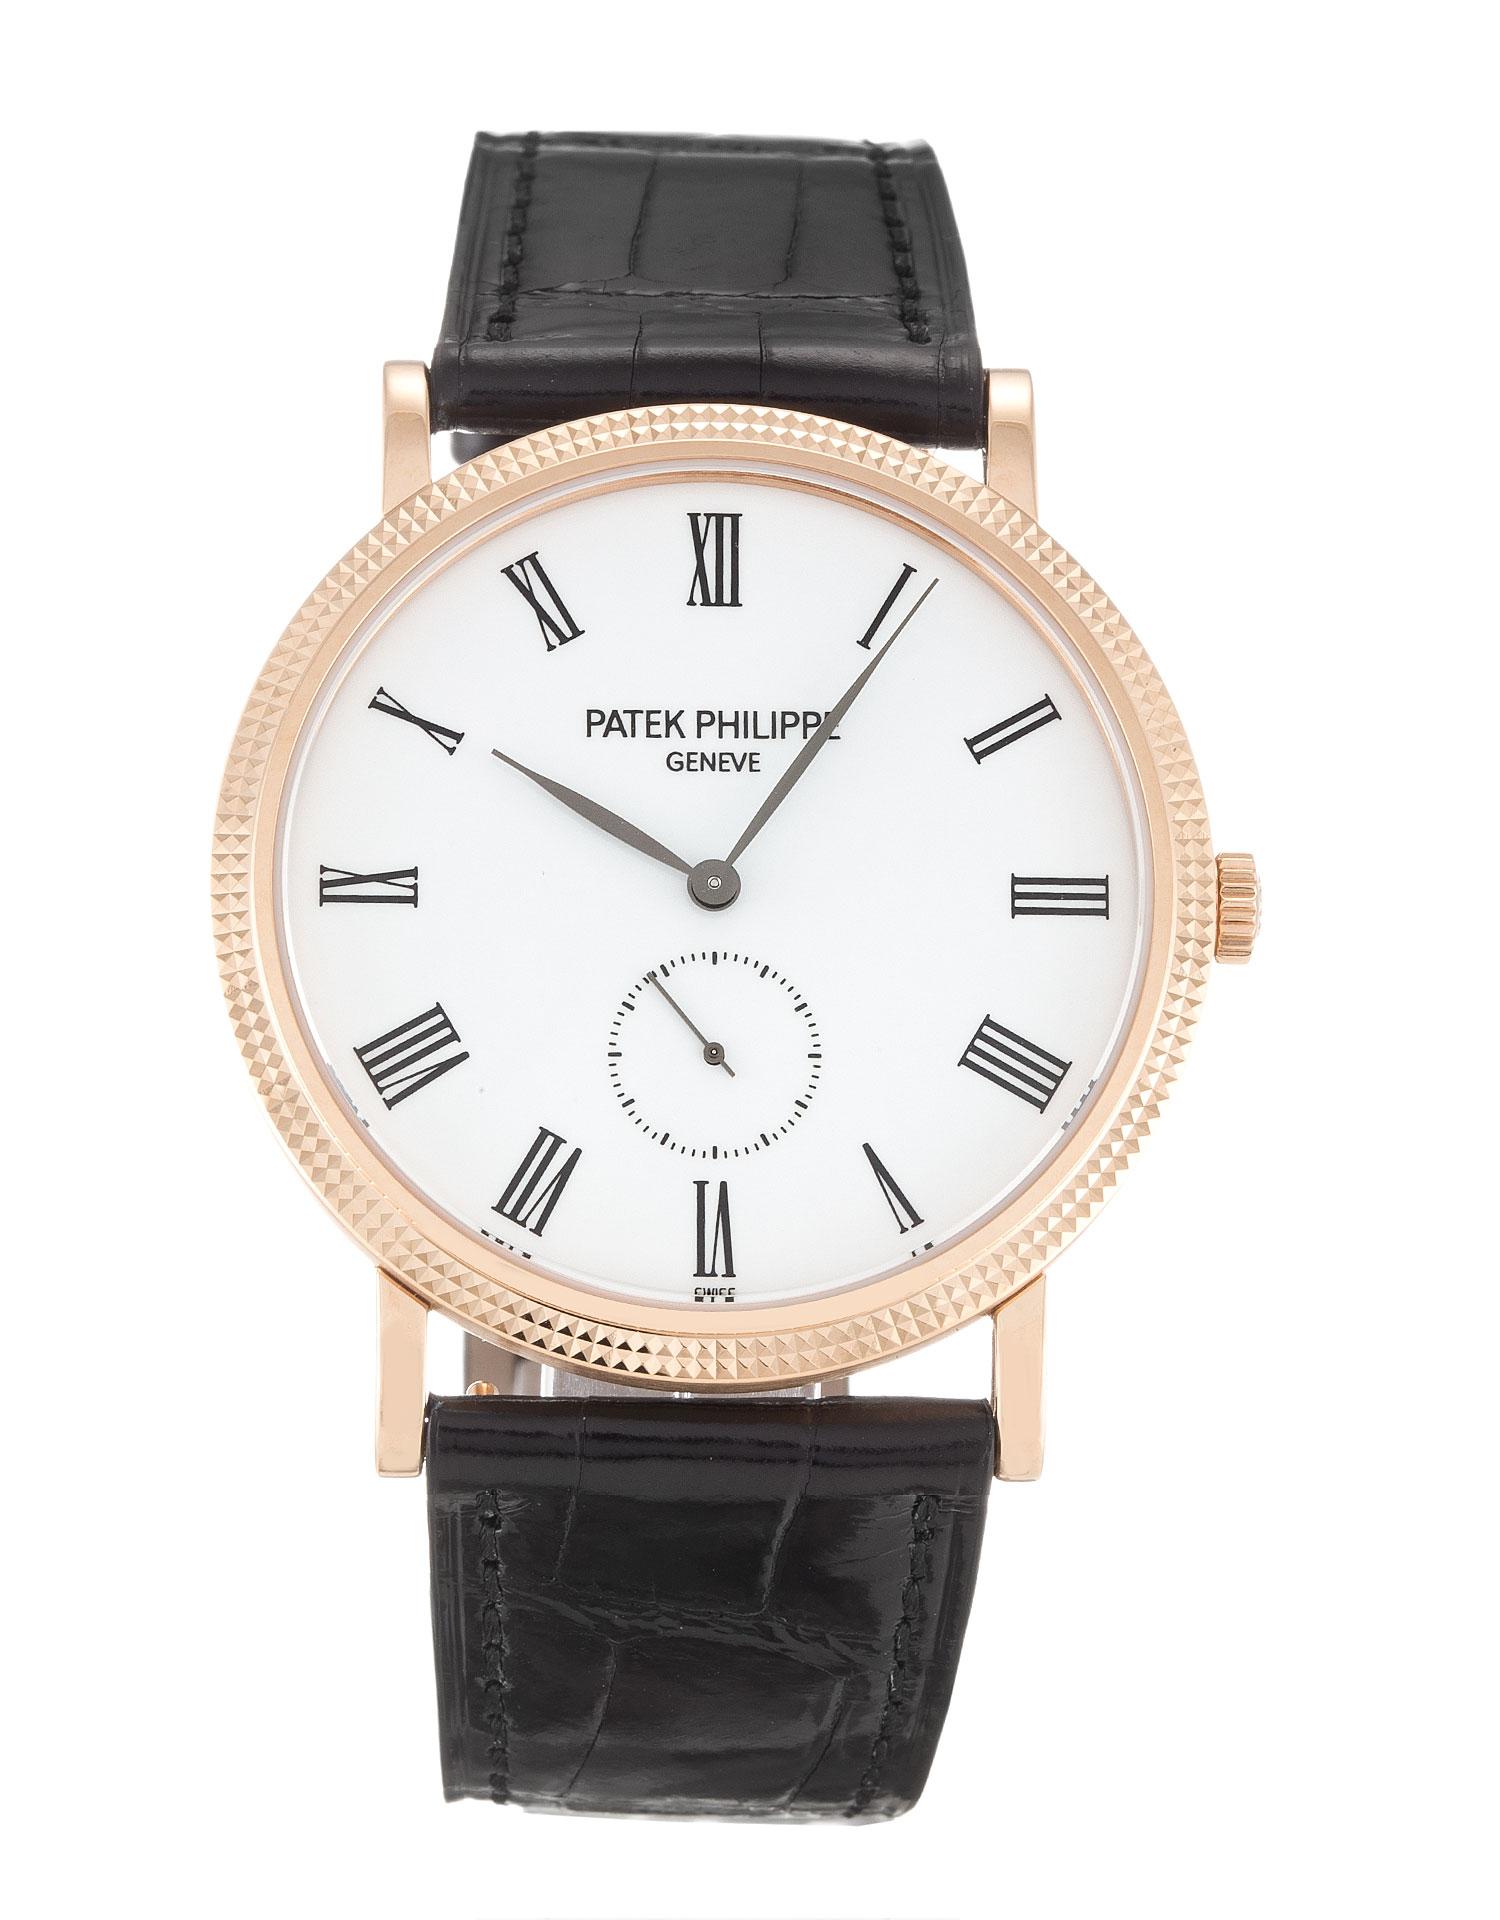 7b1e1252e05 bem-vindo comprar melhor qualidade barata réplicas de relógios Rolex ...